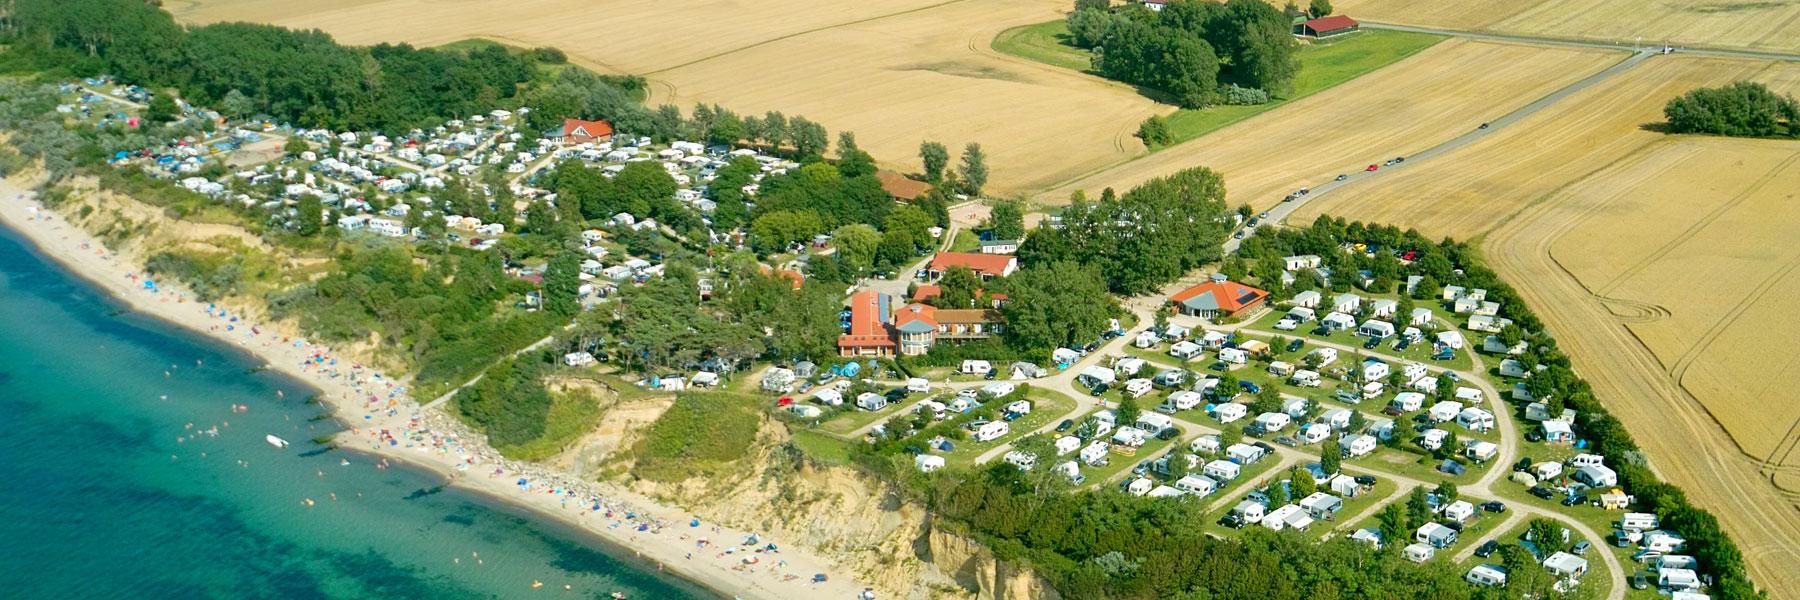 Luftaufnahme - Ostseecamp Seeblick